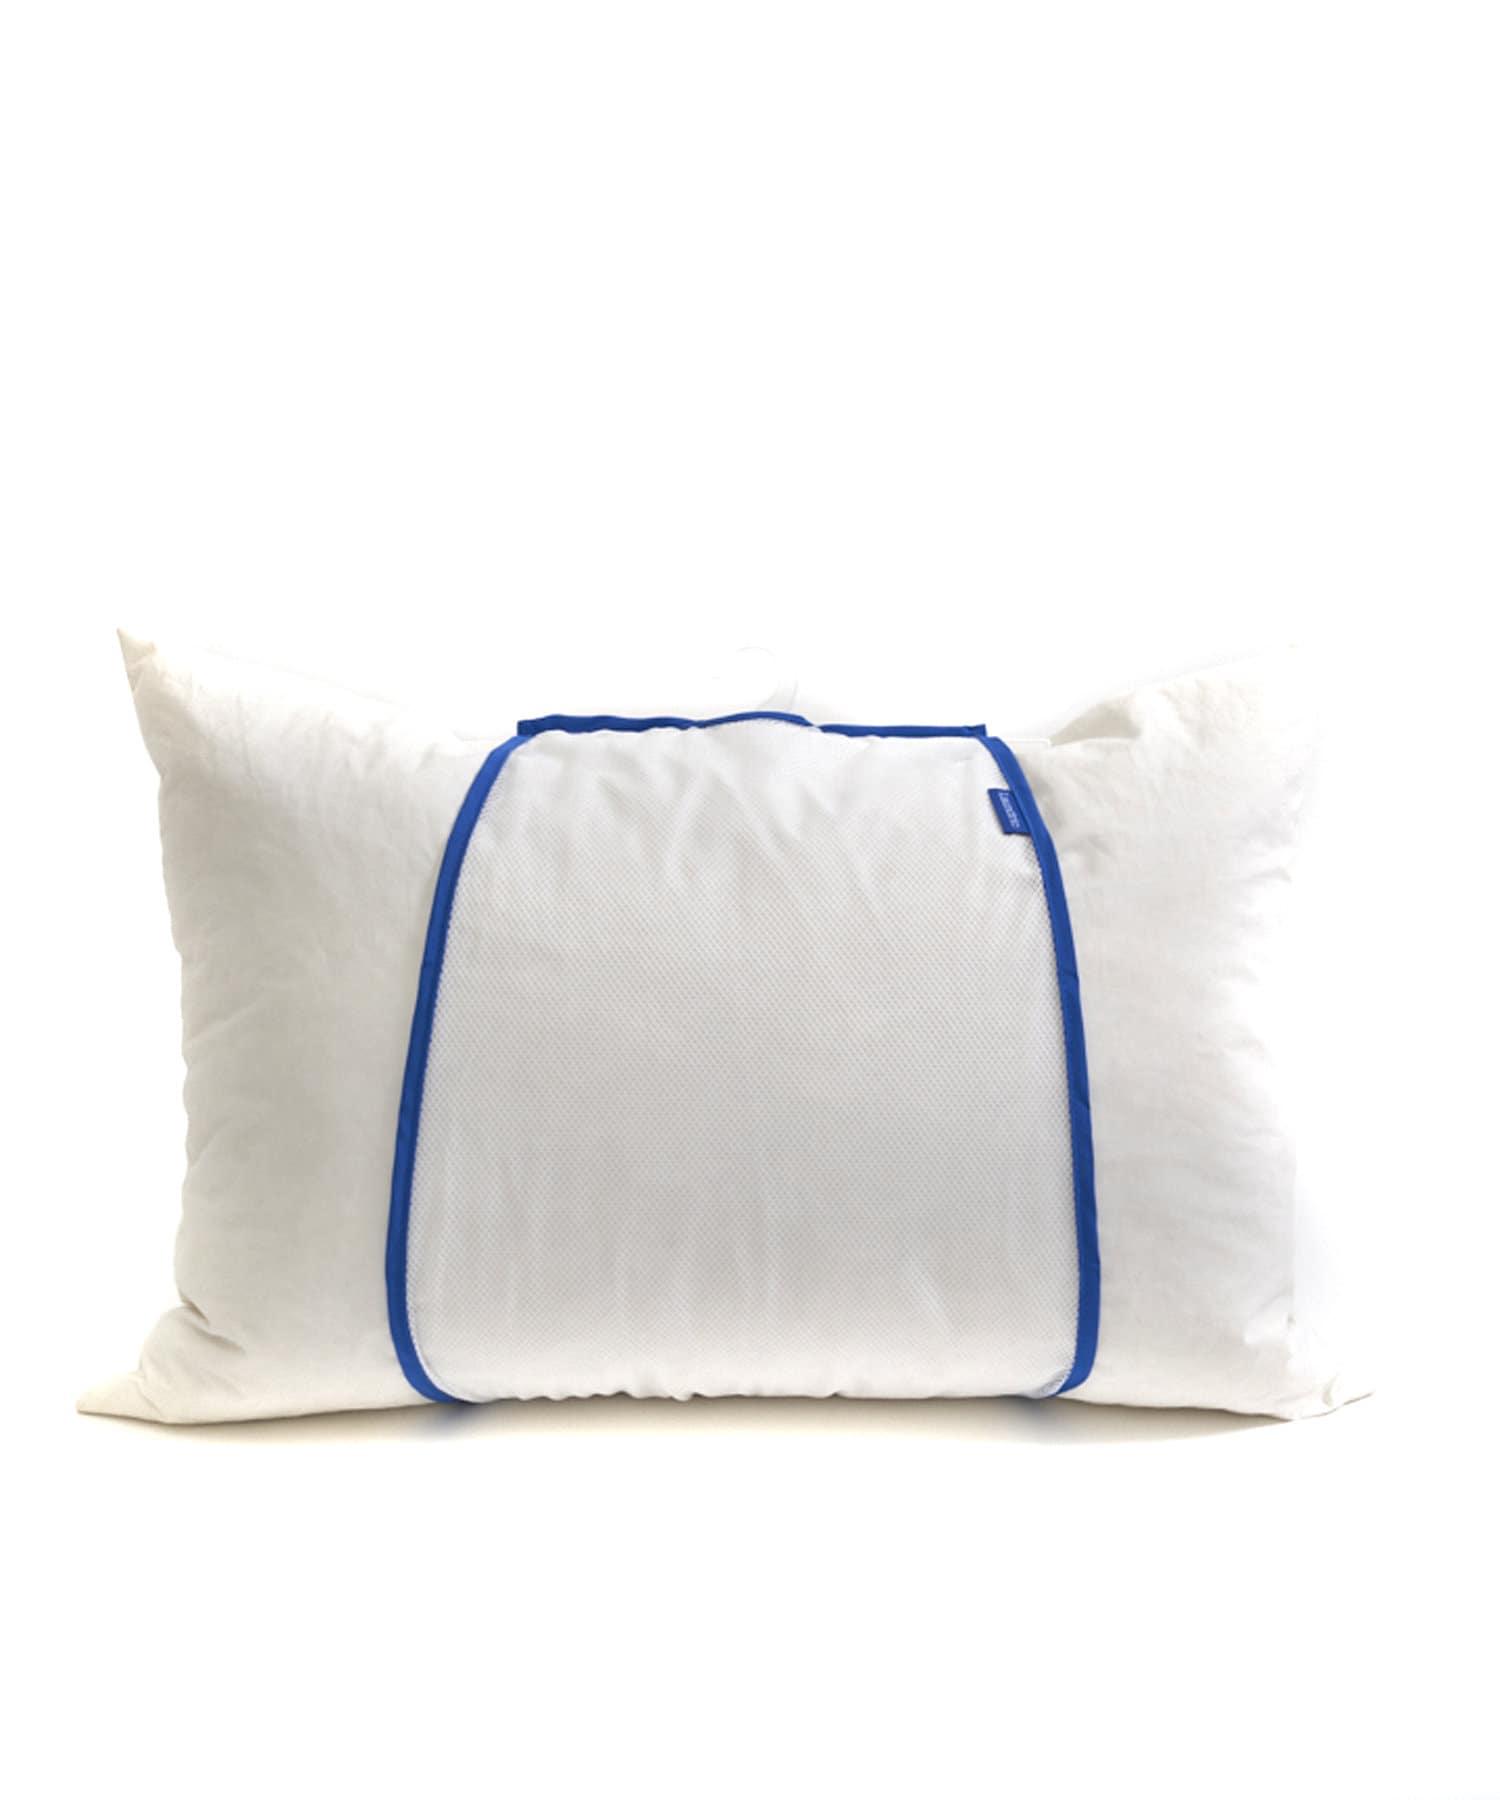 3COINS(スリーコインズ) 3COINS(スリーコインズ) 【ランドリーの定番アイテム】ランドリーネット枕干し2枚セット ホワイト